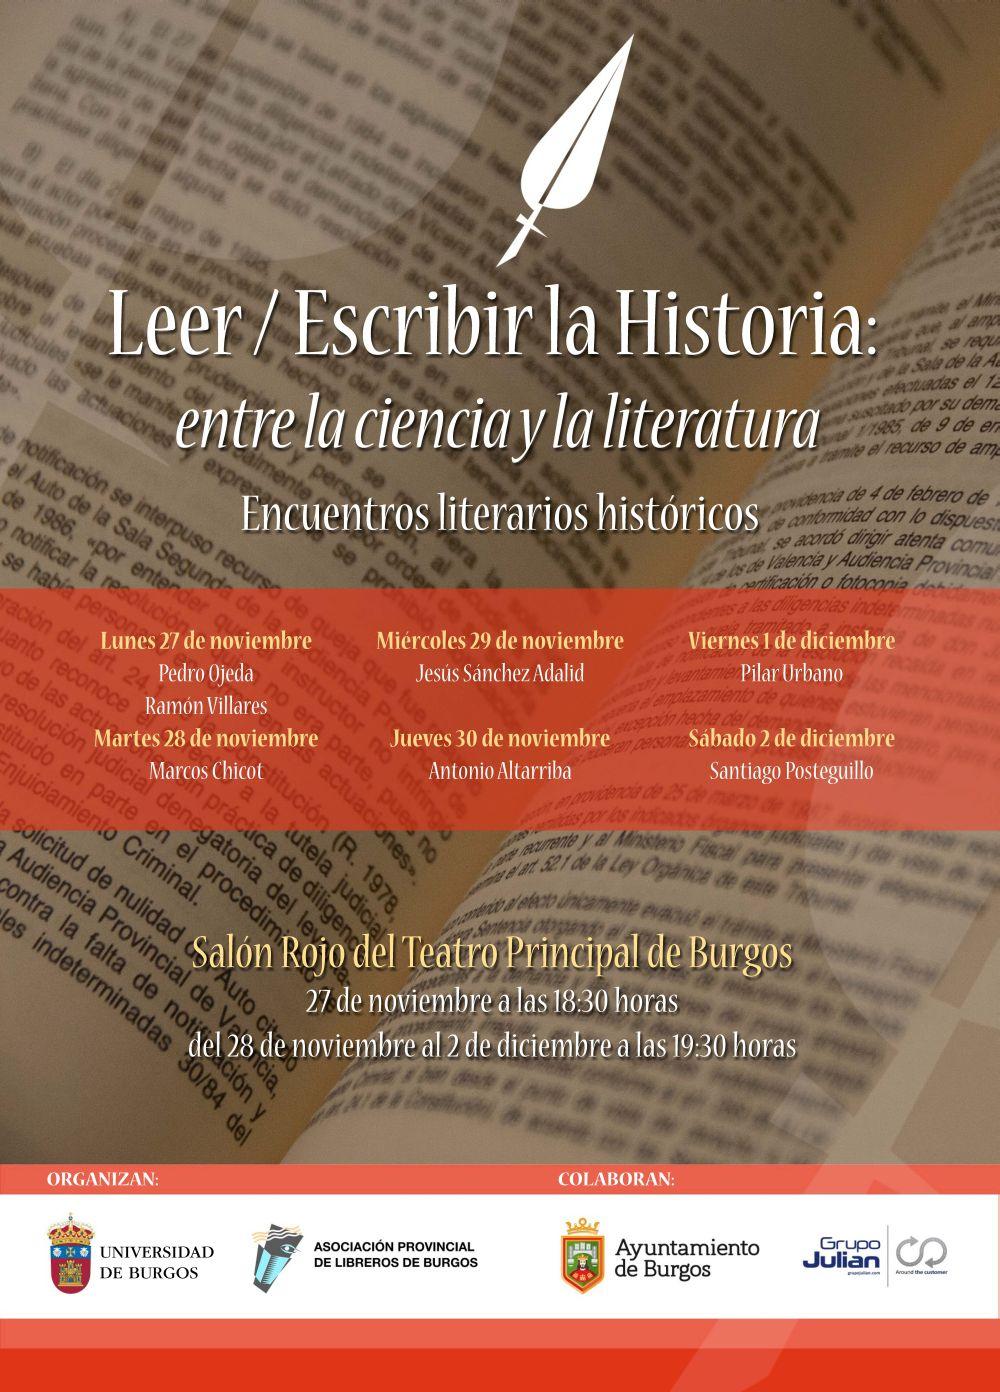 Encuentros literarios históricos   Universidad de Burgos